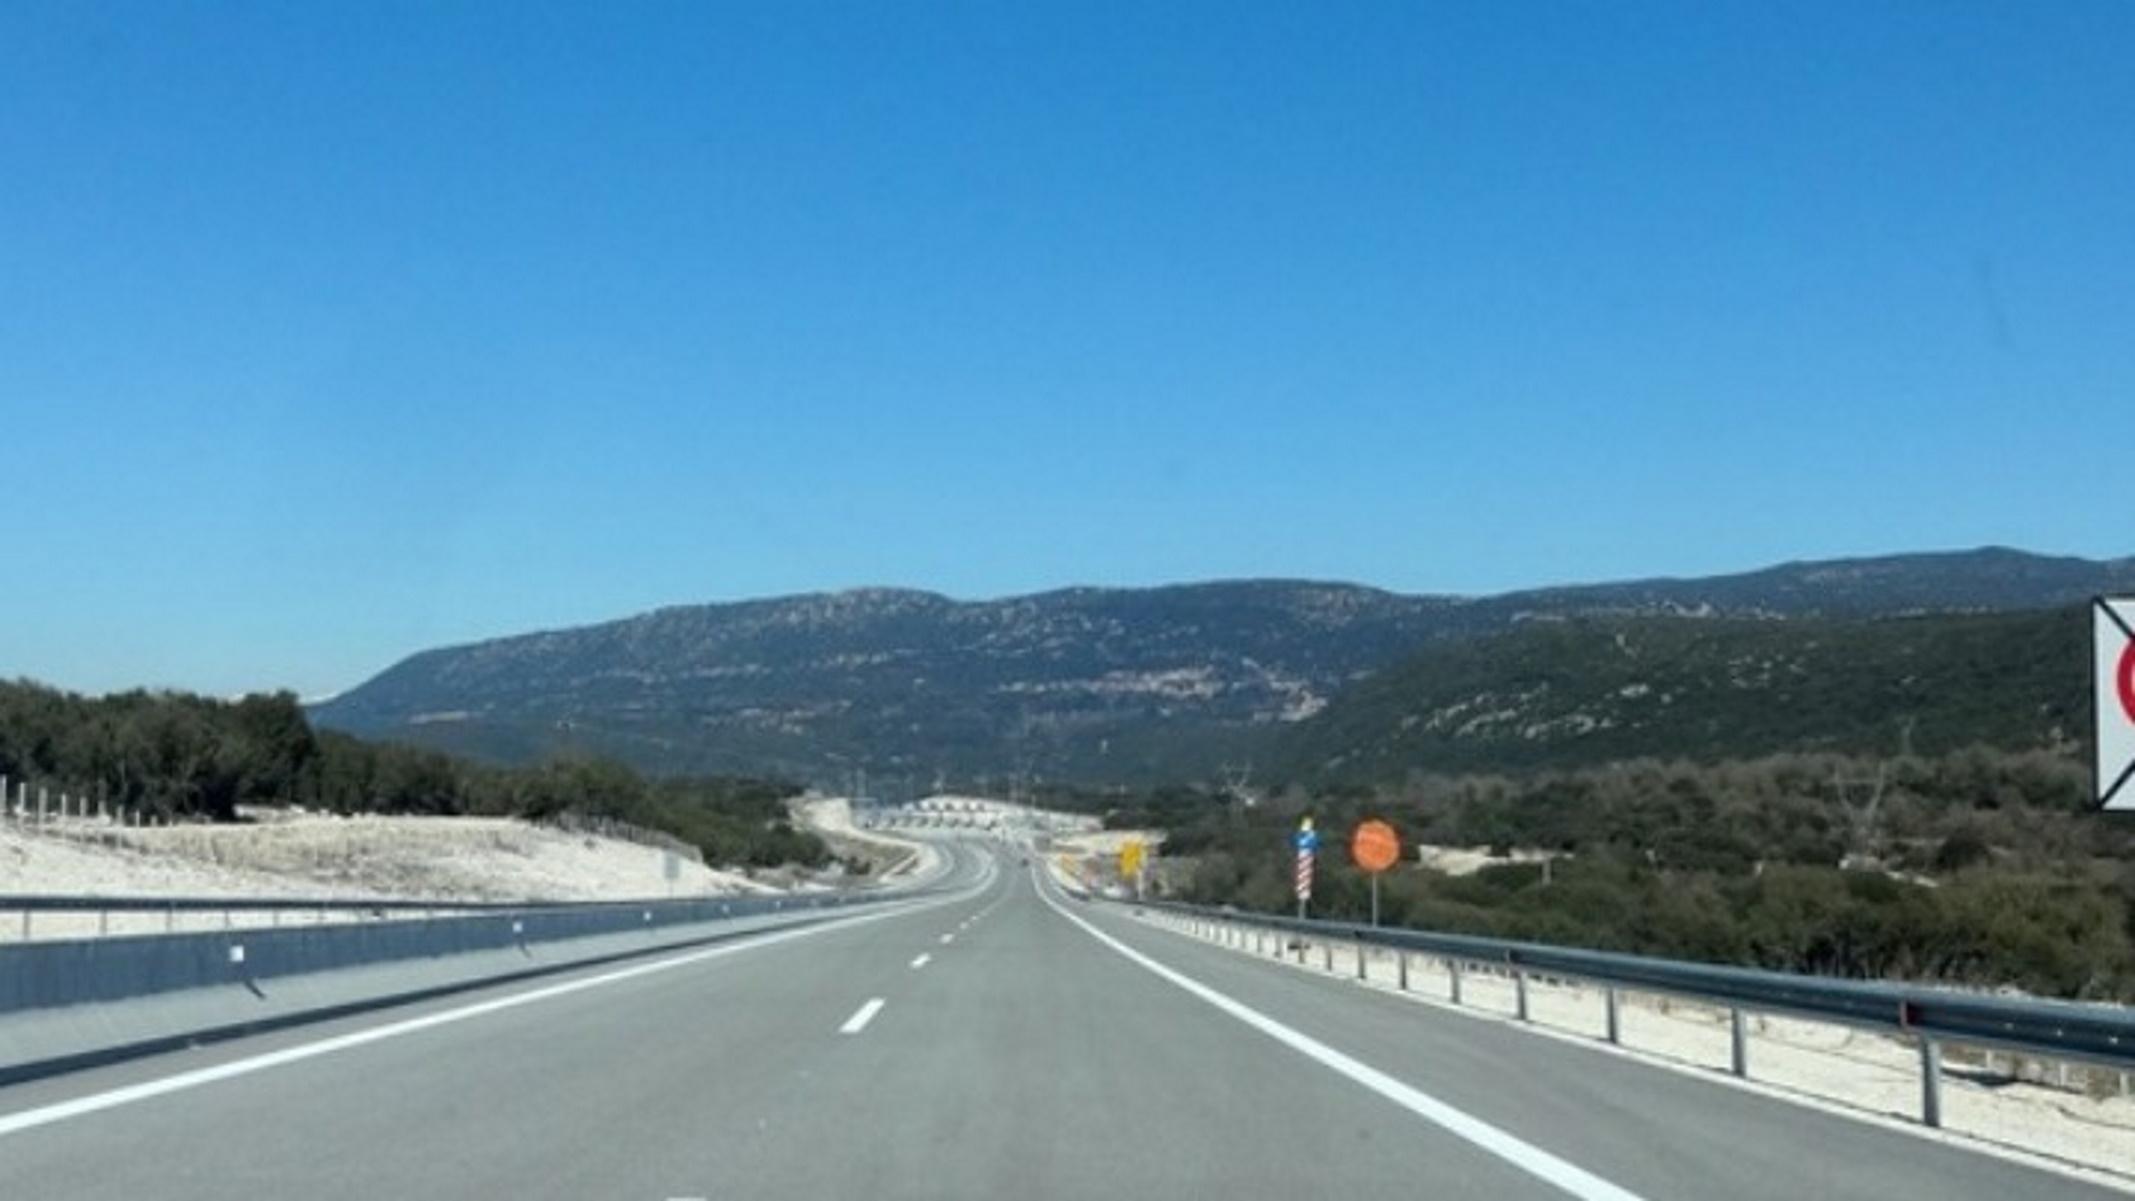 Πάτρα: Κυκλοφοριακές αλλαγές λόγω εργασιών